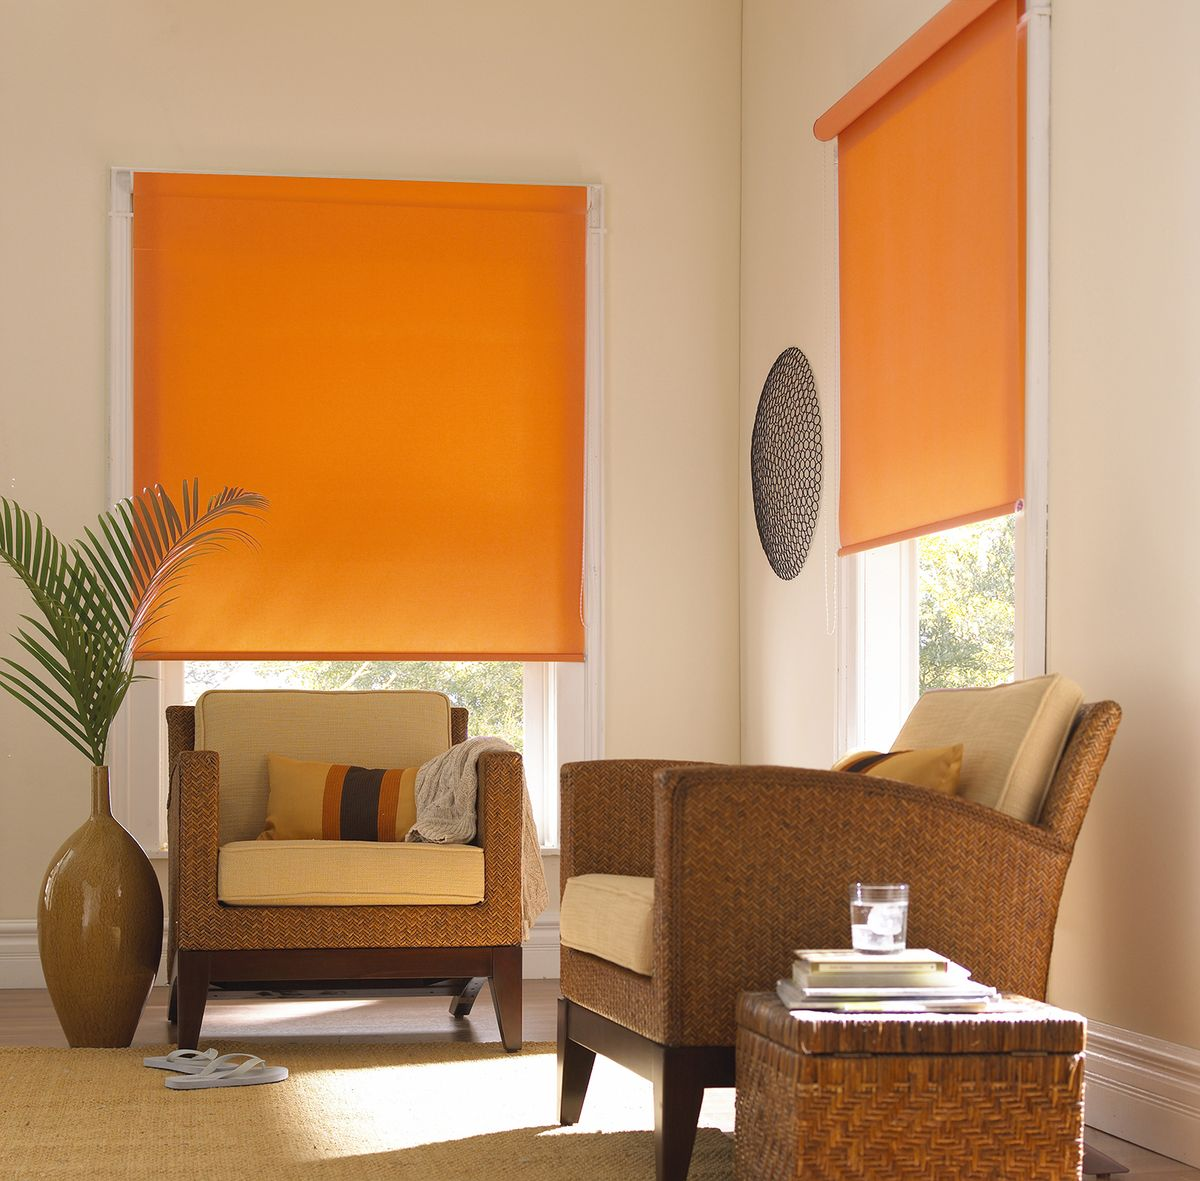 Штора рулонная Эскар Миниролло, цвет: апельсин, ширина 43 см, высота 170 см80621Рулонная штора Эскар Миниролло выполнена из высокопрочной ткани, которая сохраняет свой размер даже при намокании. Ткань не выцветает и обладает отличной цветоустойчивостью.Миниролло - это подвид рулонных штор, который закрывает не весь оконный проем, а непосредственно само стекло. Такие шторы крепятся на раму без сверления при помощи зажимов или клейкой двухсторонней ленты (в комплекте). Окно остается на гарантии, благодаря монтажу без сверления. Такая штора станет прекрасным элементом декора окна и гармонично впишется в интерьер любого помещения.